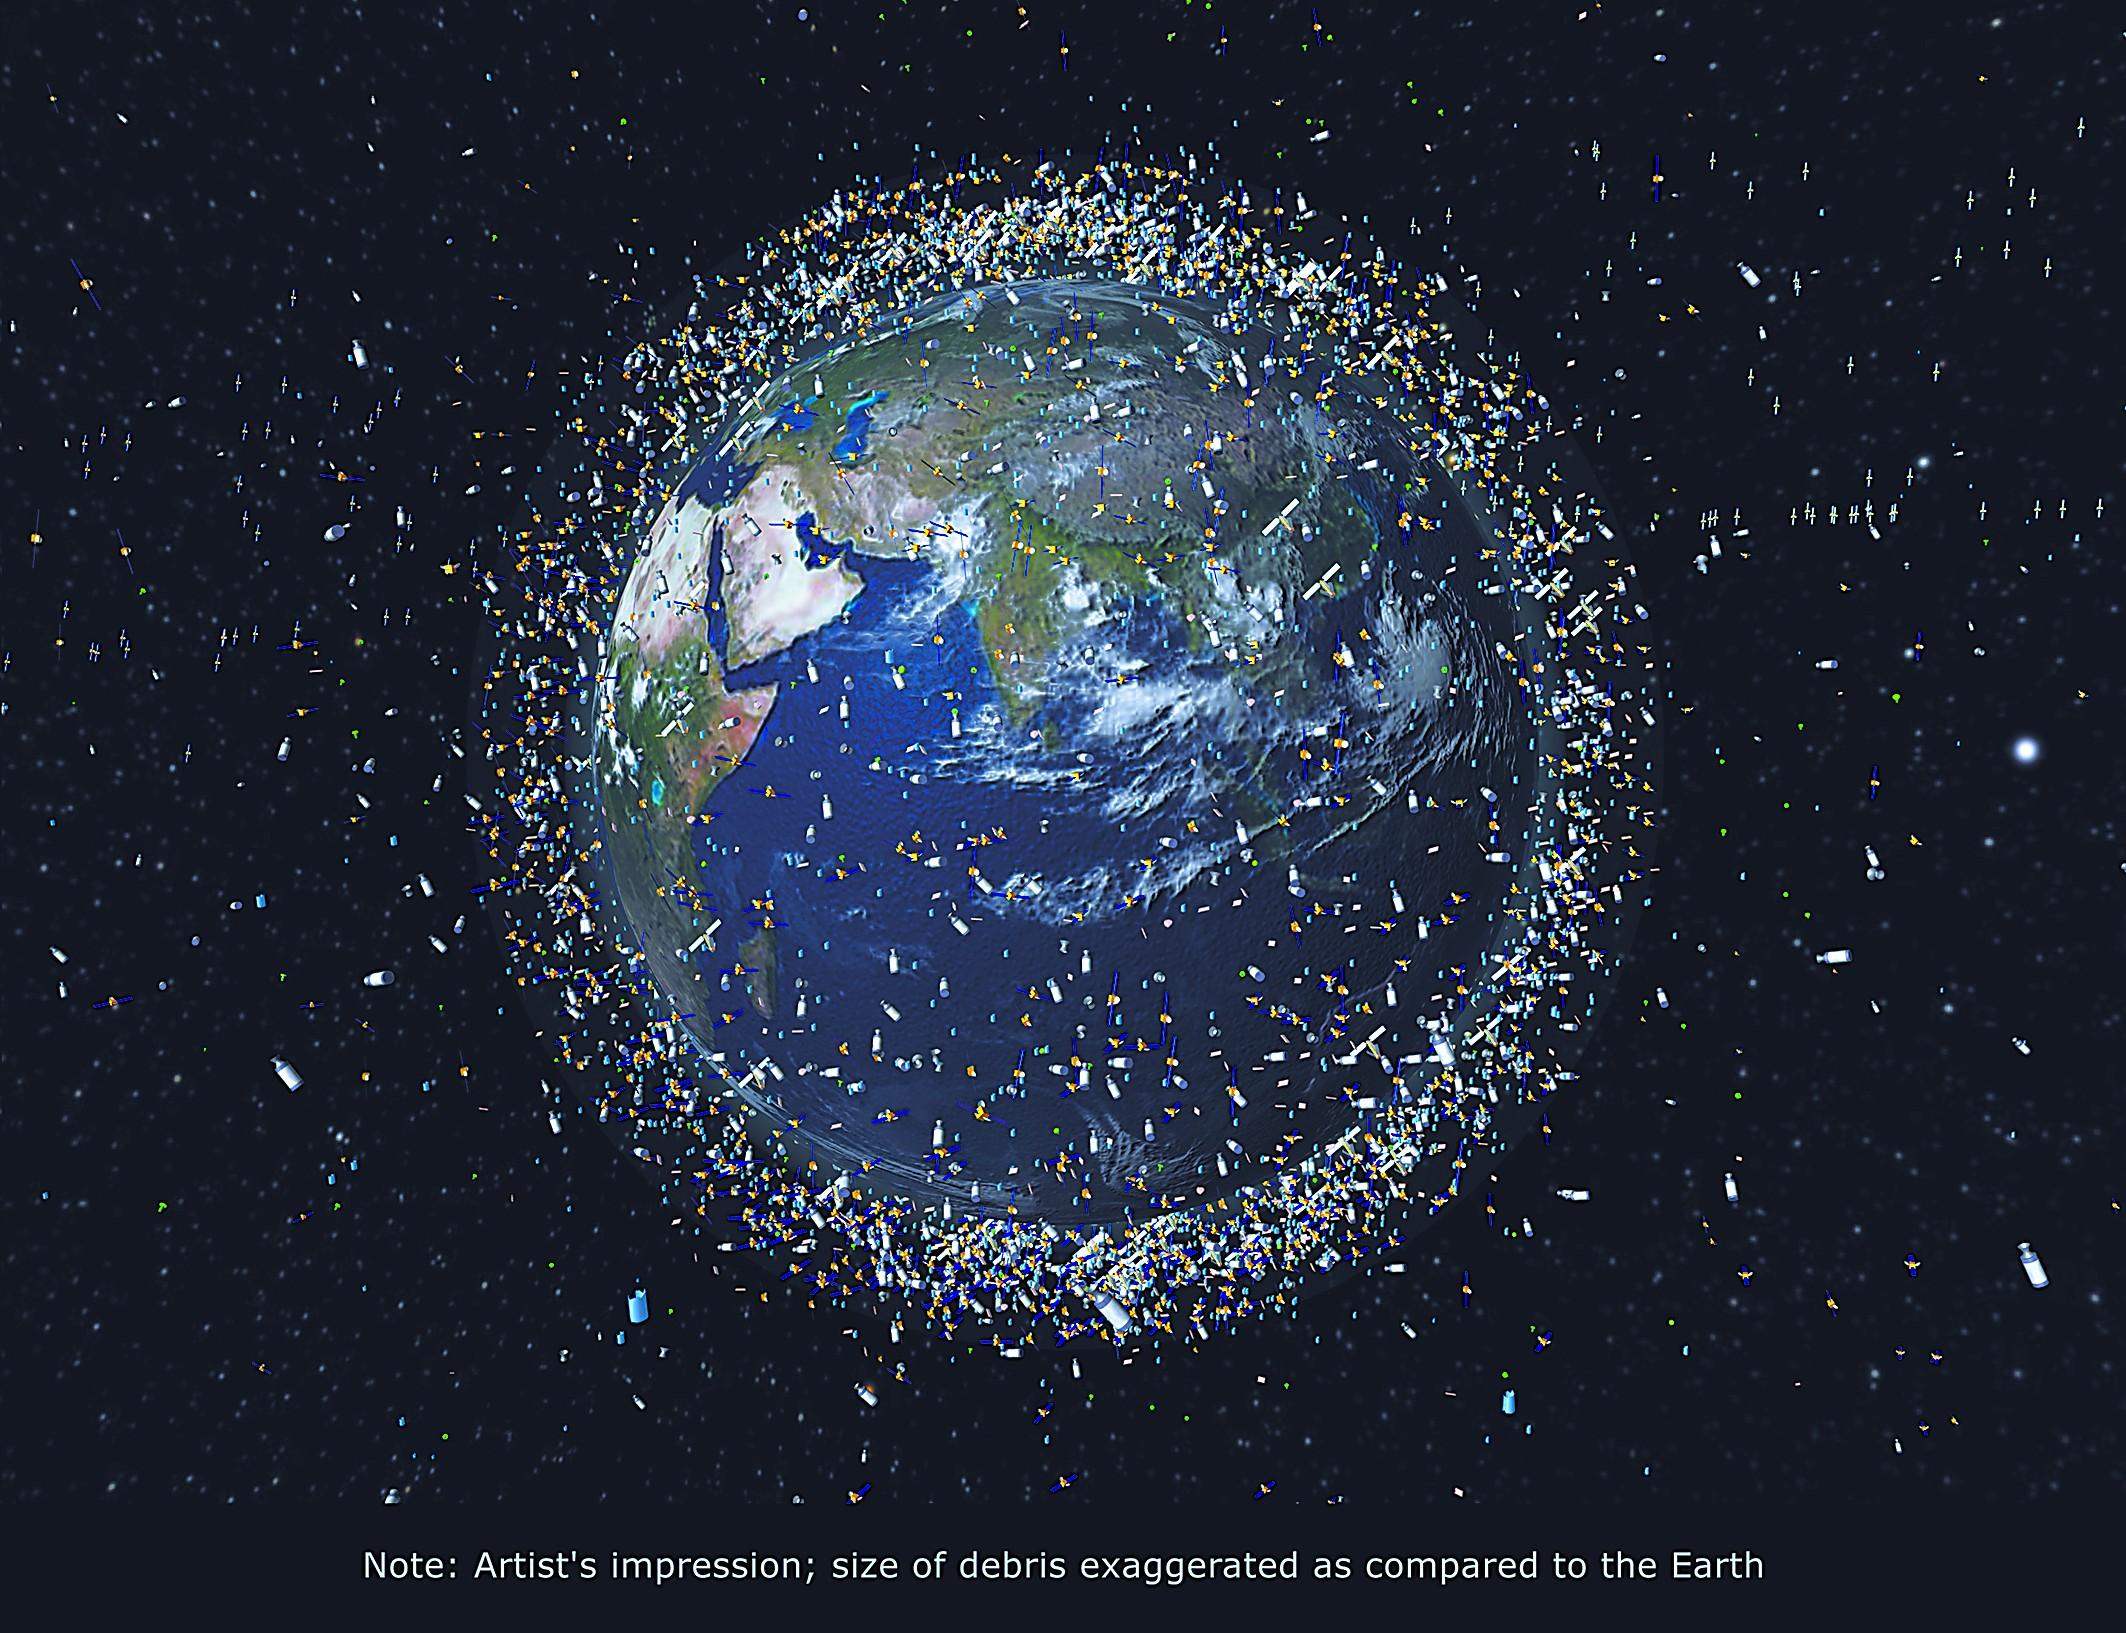 中国欲建天基激光站清除太空垃圾?美媒趁机炒作